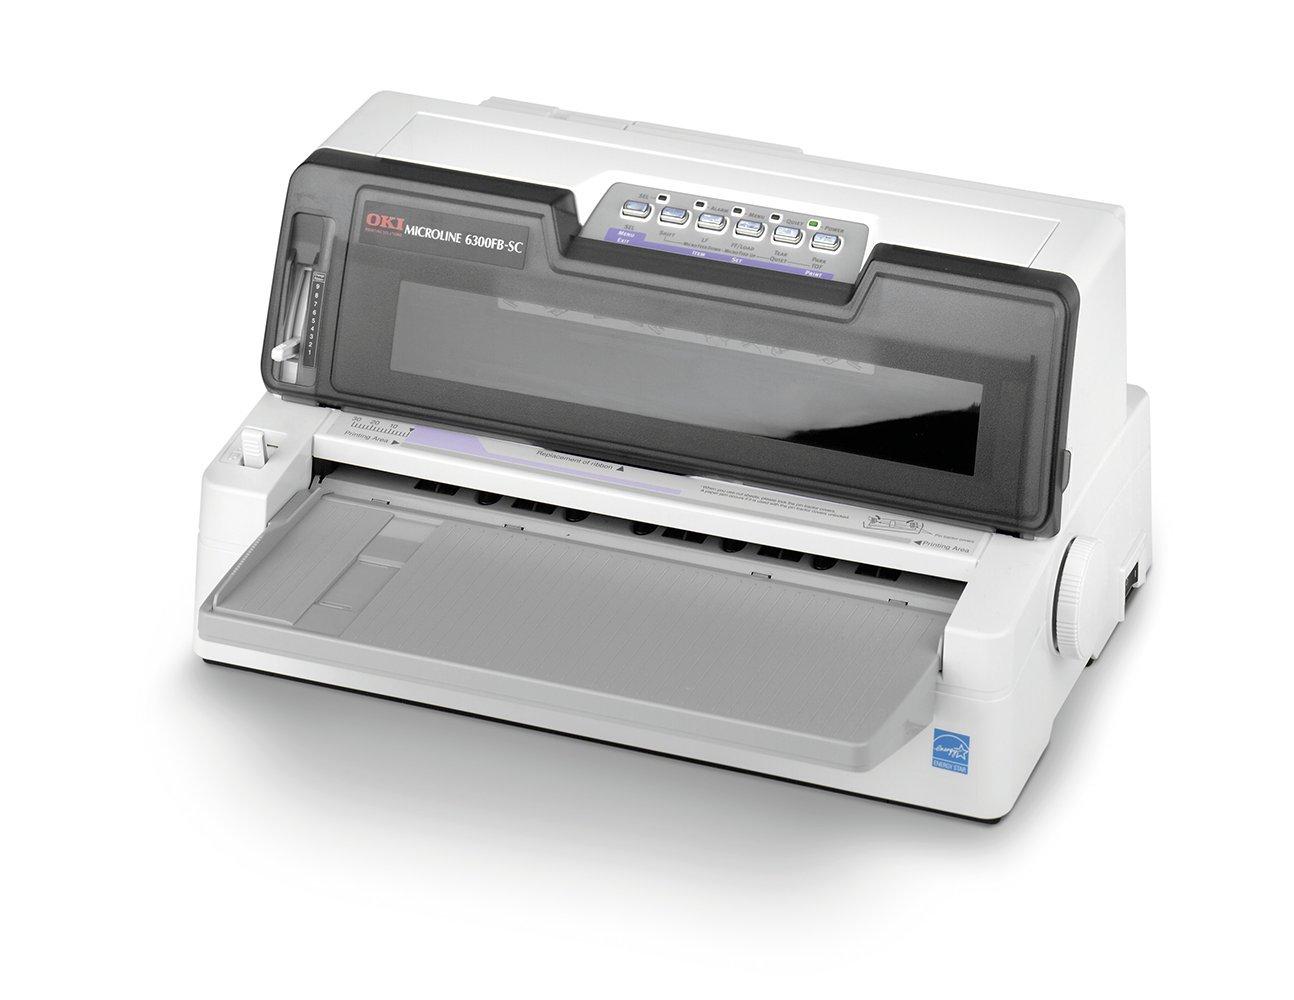 OKI 402714 - Impresora matricial monocromo (USB, 400 cará cteres por segundo) color negro 400 carácteres por segundo) color negro 1101207